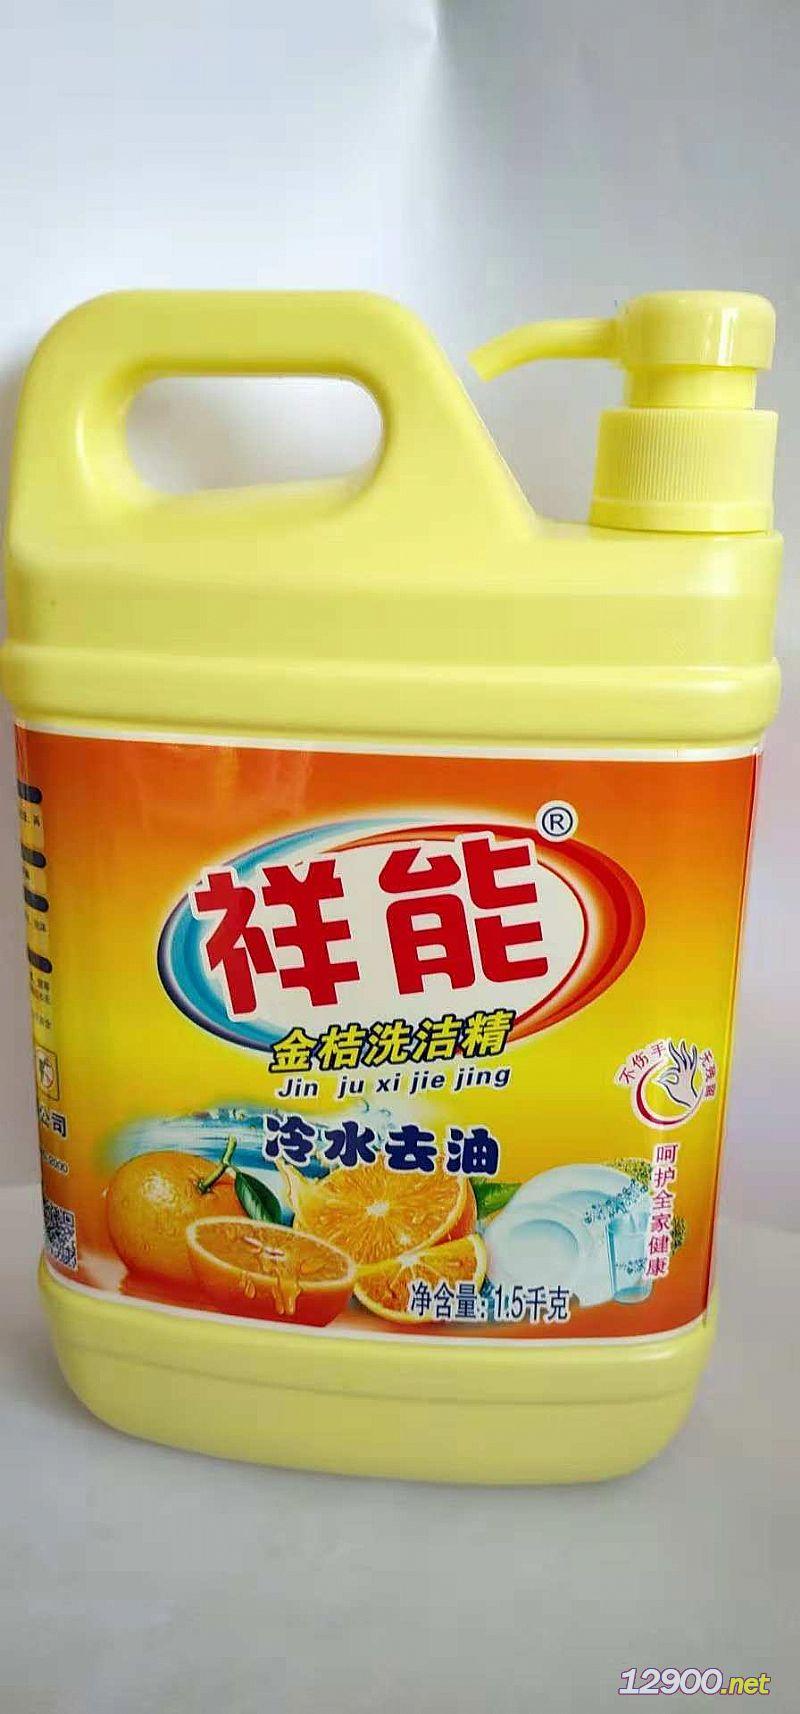 洗潔精1.5kg-- 廣州市騰豐機械設備有限公司